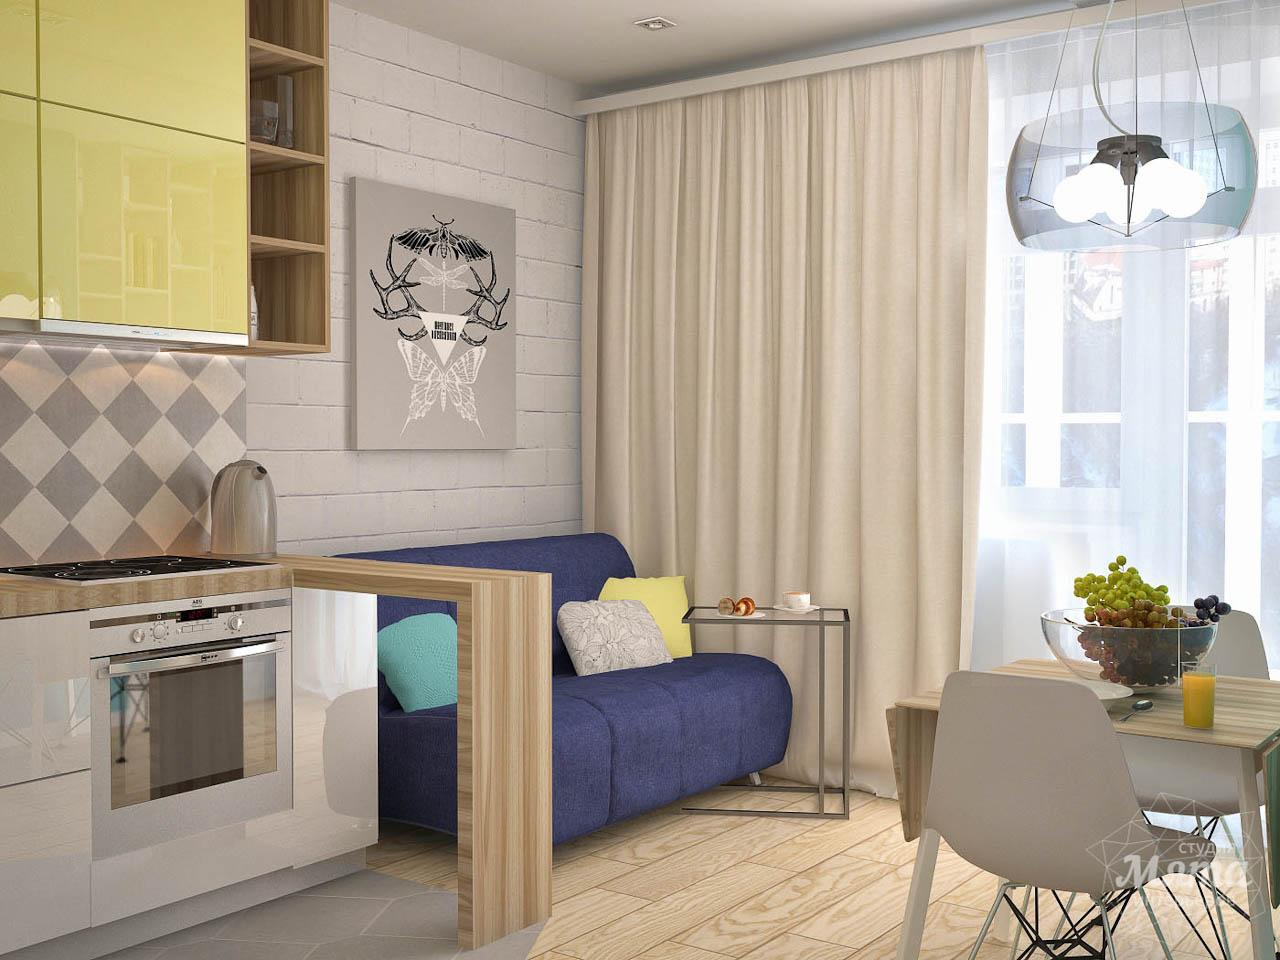 Дизайн интерьера и ремонт однокомнатной квартиры по ул. Сурикова 53а img537051157